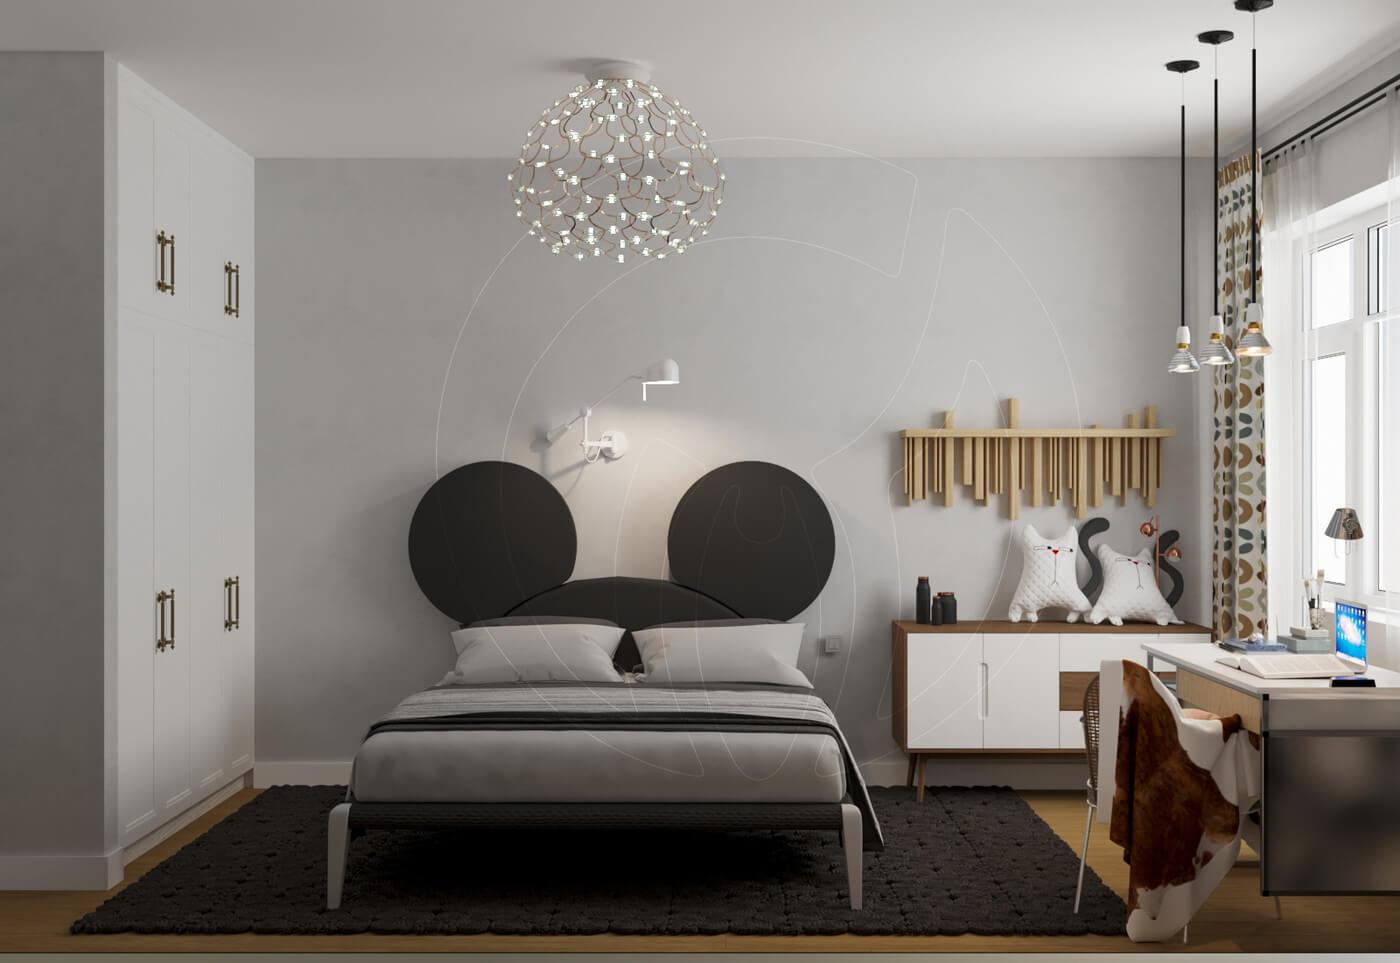 Квартира в скандинавском стиле и стиле LOFT. Детская комната в скандинавском стиле, кровать Mikki